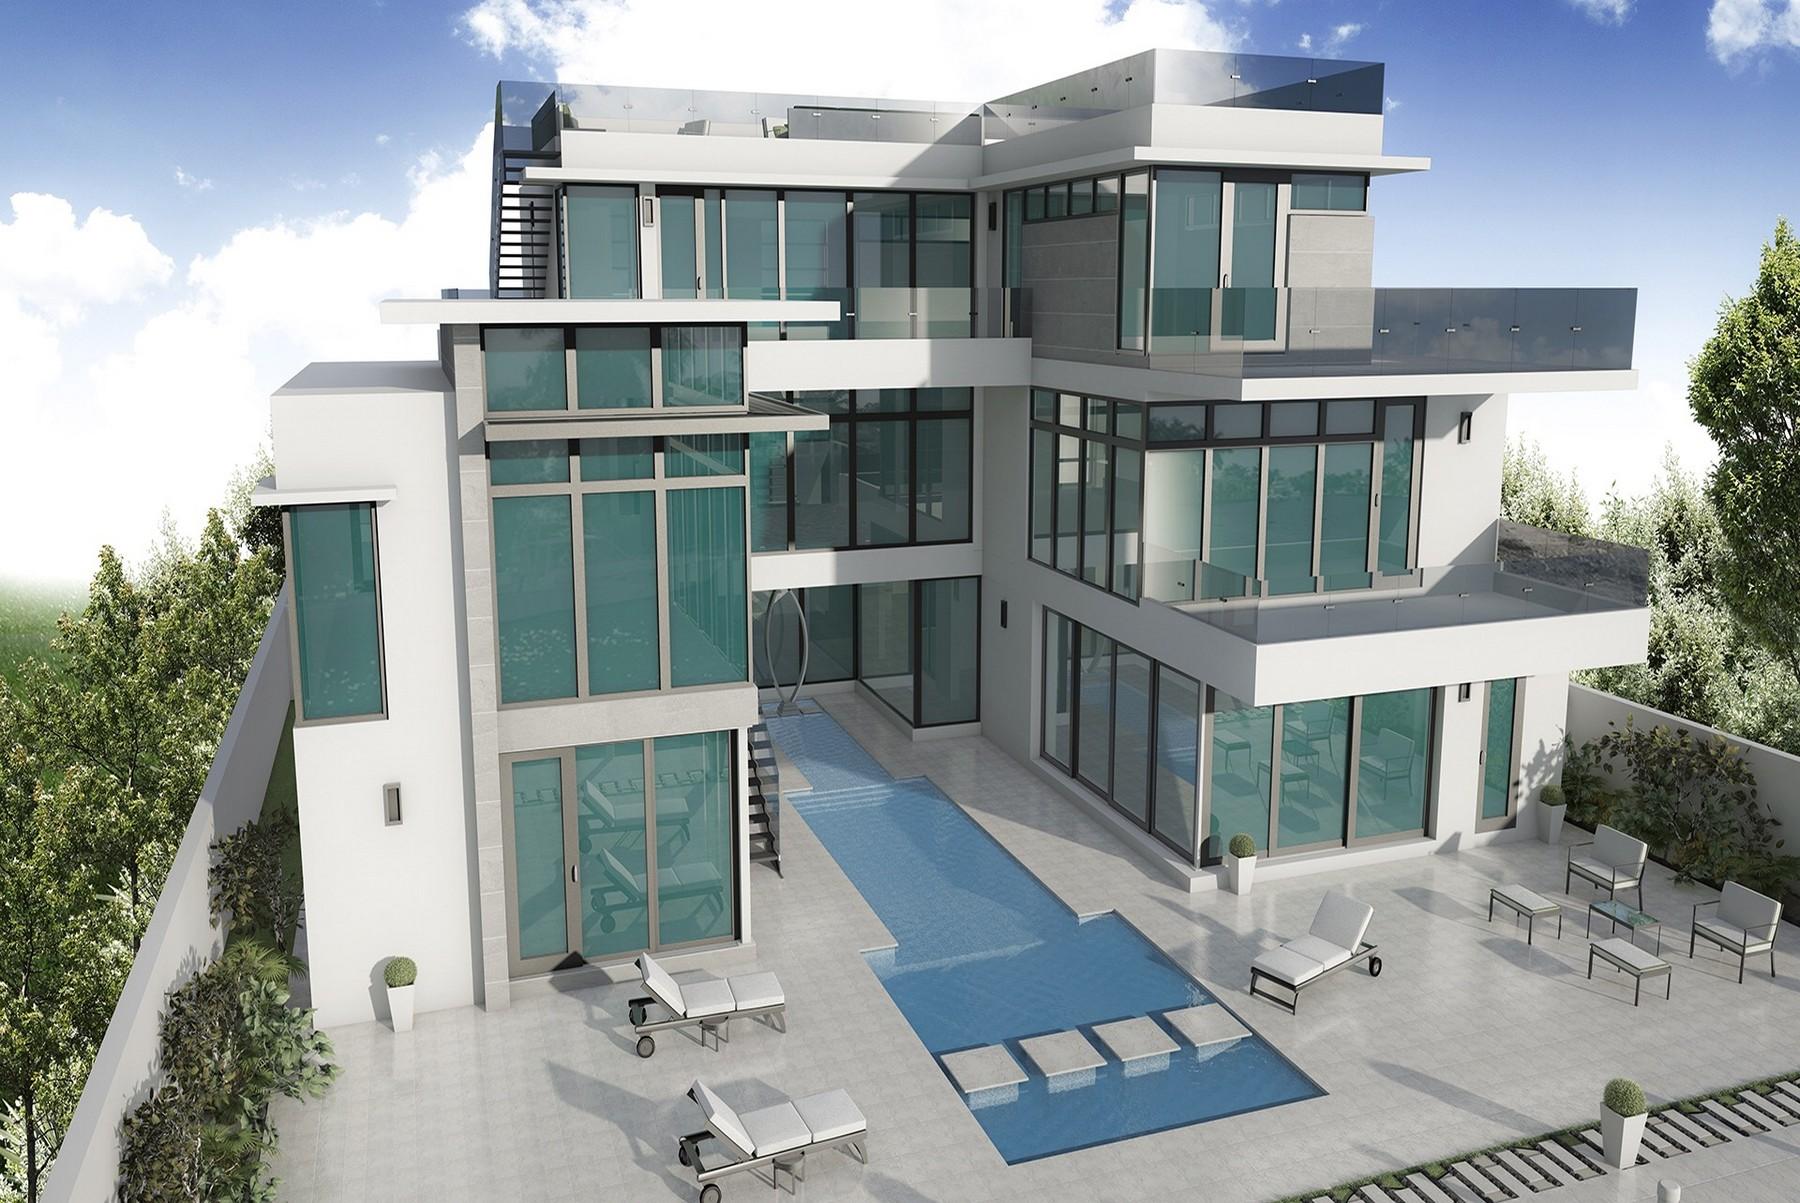 一戸建て のために 売買 アット 440 Mola Ave. Fort Lauderdale, フロリダ 33301 アメリカ合衆国